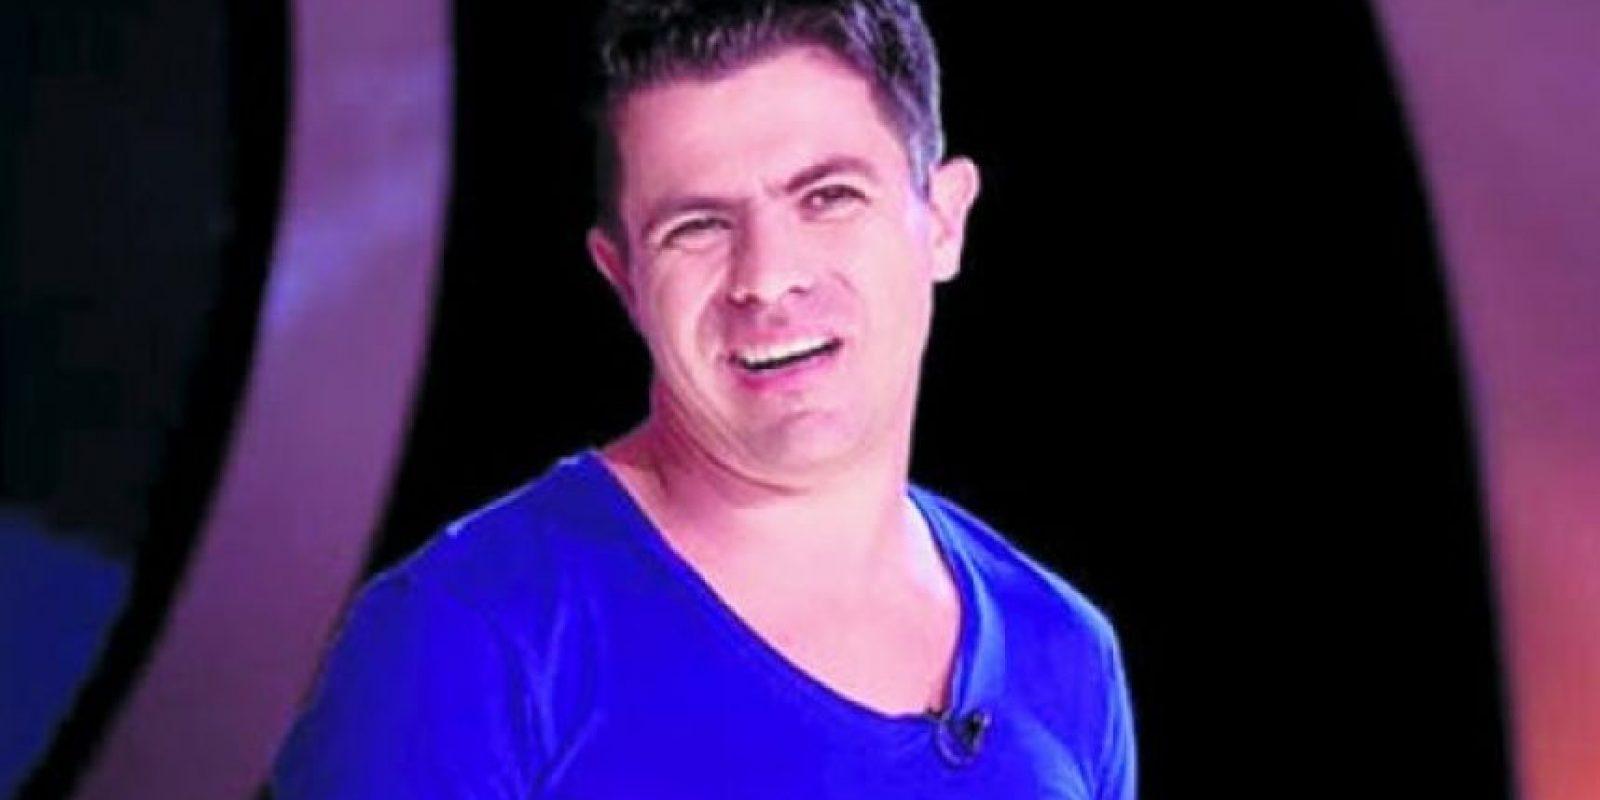 """El domingo 2 de noviembre, a las 18 horas, en el Camino Real, Piter Albeiro presentará su espectáculo """"Su mejor show"""". Admisión: Q350"""